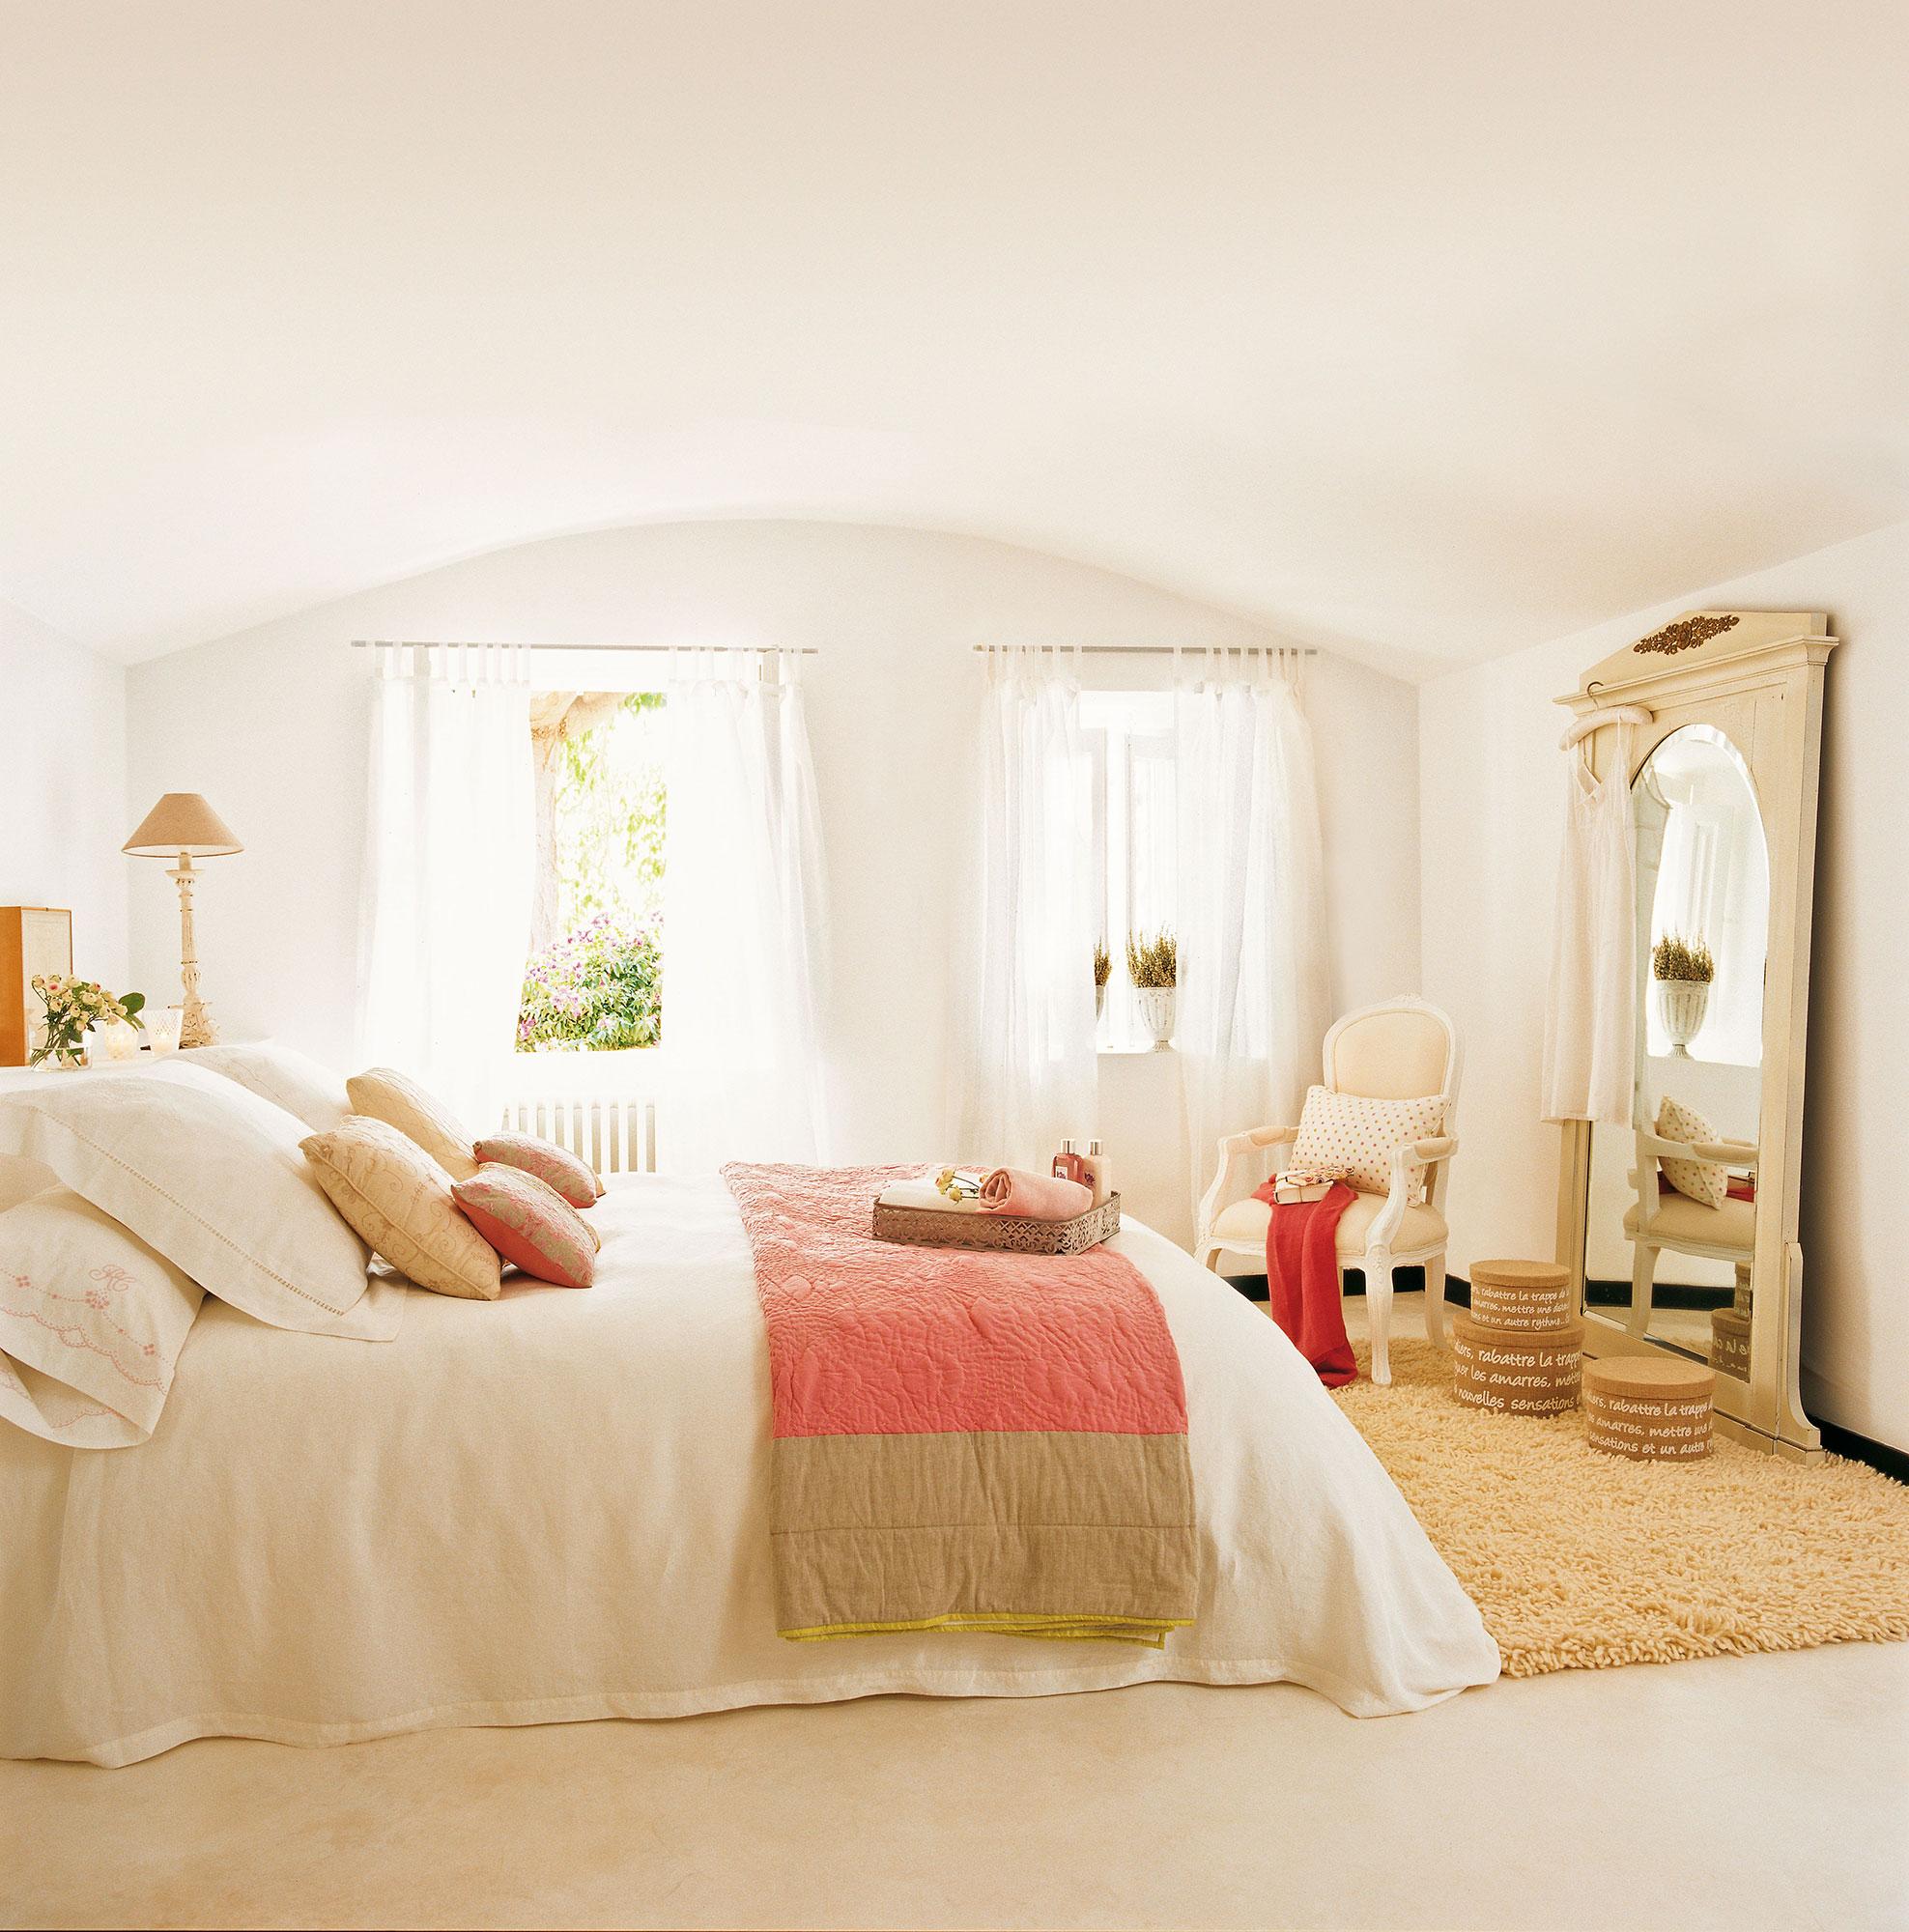 Dormitorios frescos viste tu habitaci n para el verano for Decoracion habitacion blanca